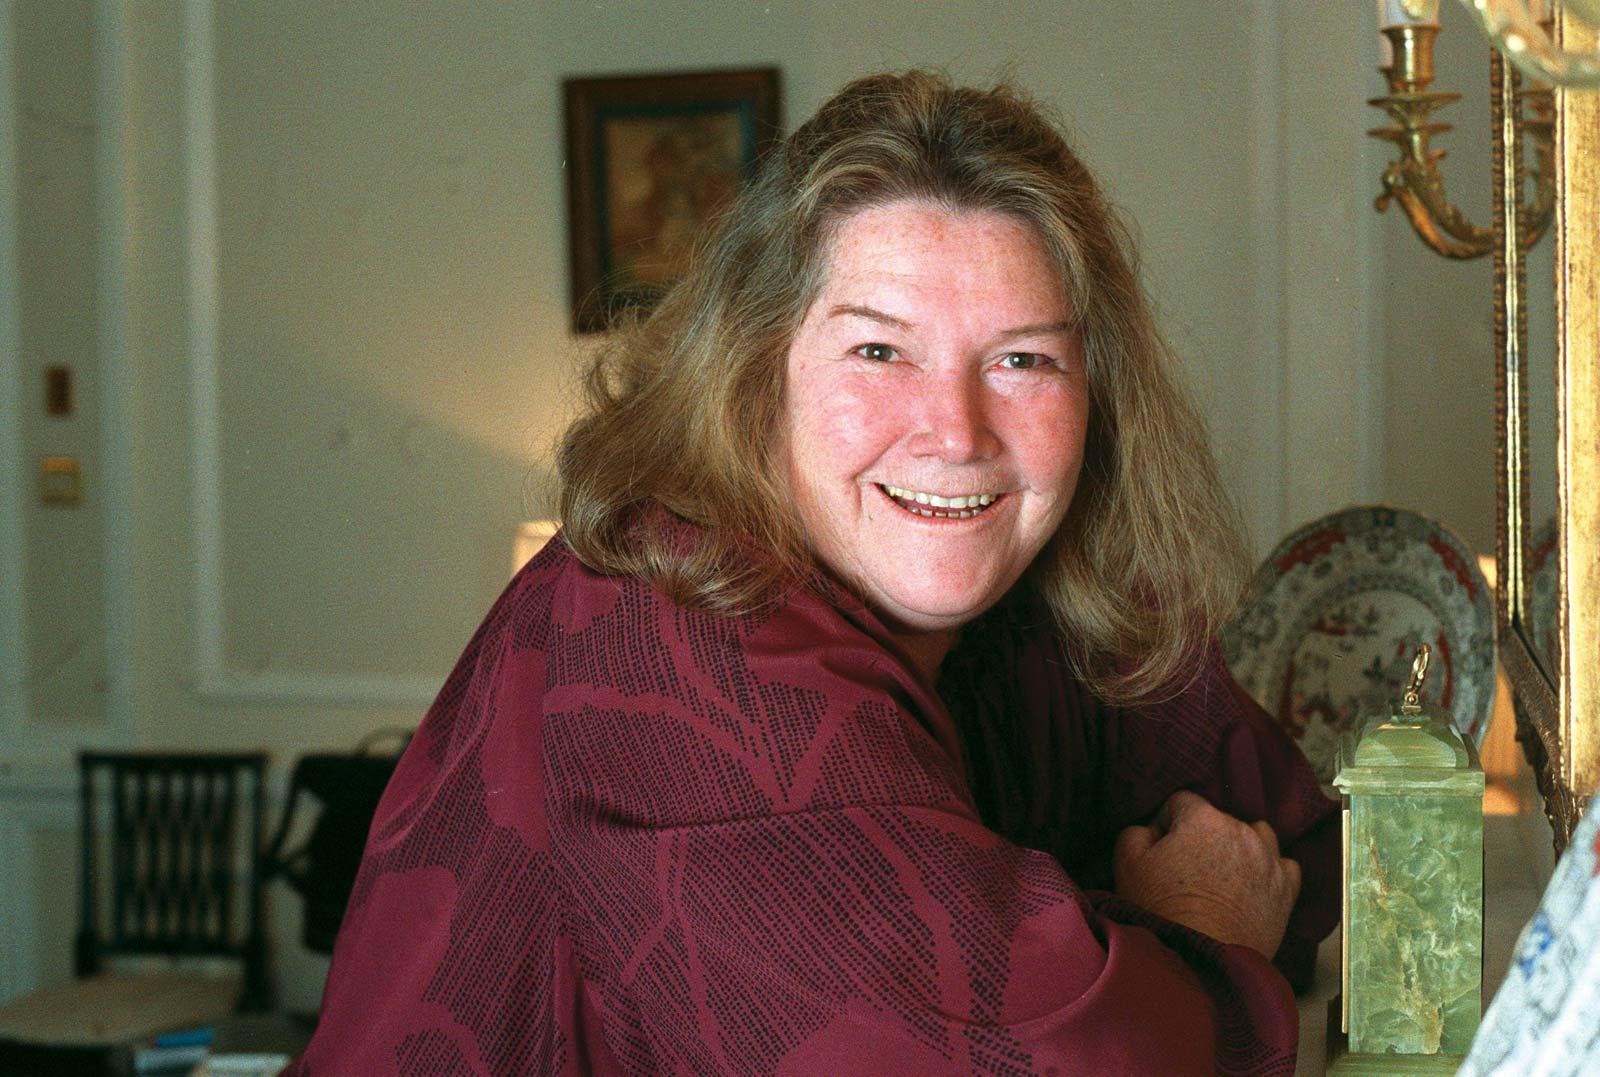 Colleen McCullough